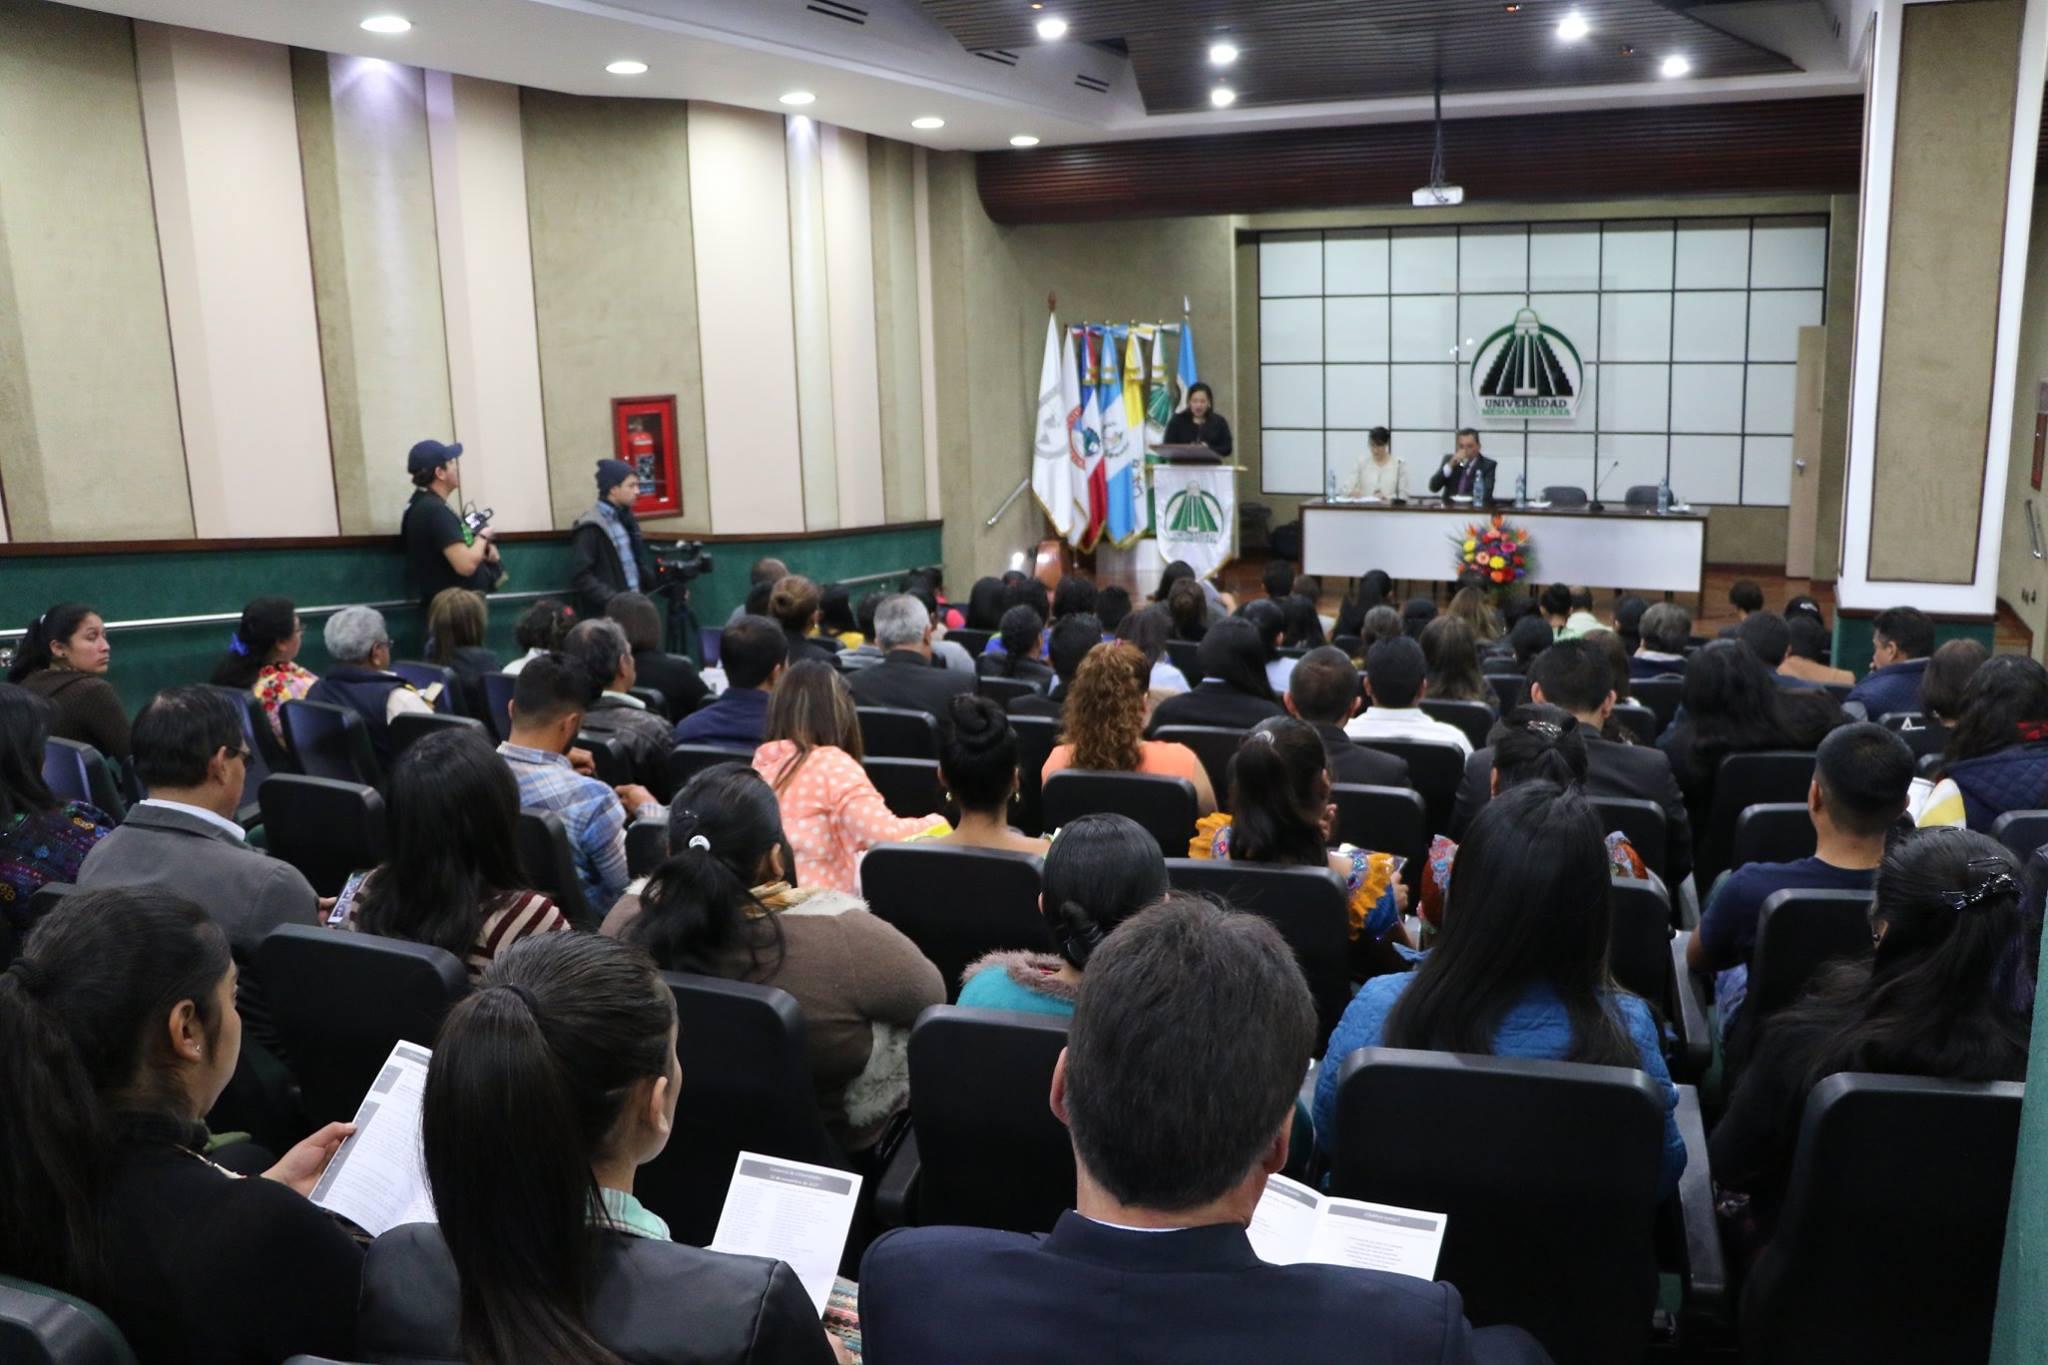 III Encuentro de Formación Docente – Consorcio de Universidades